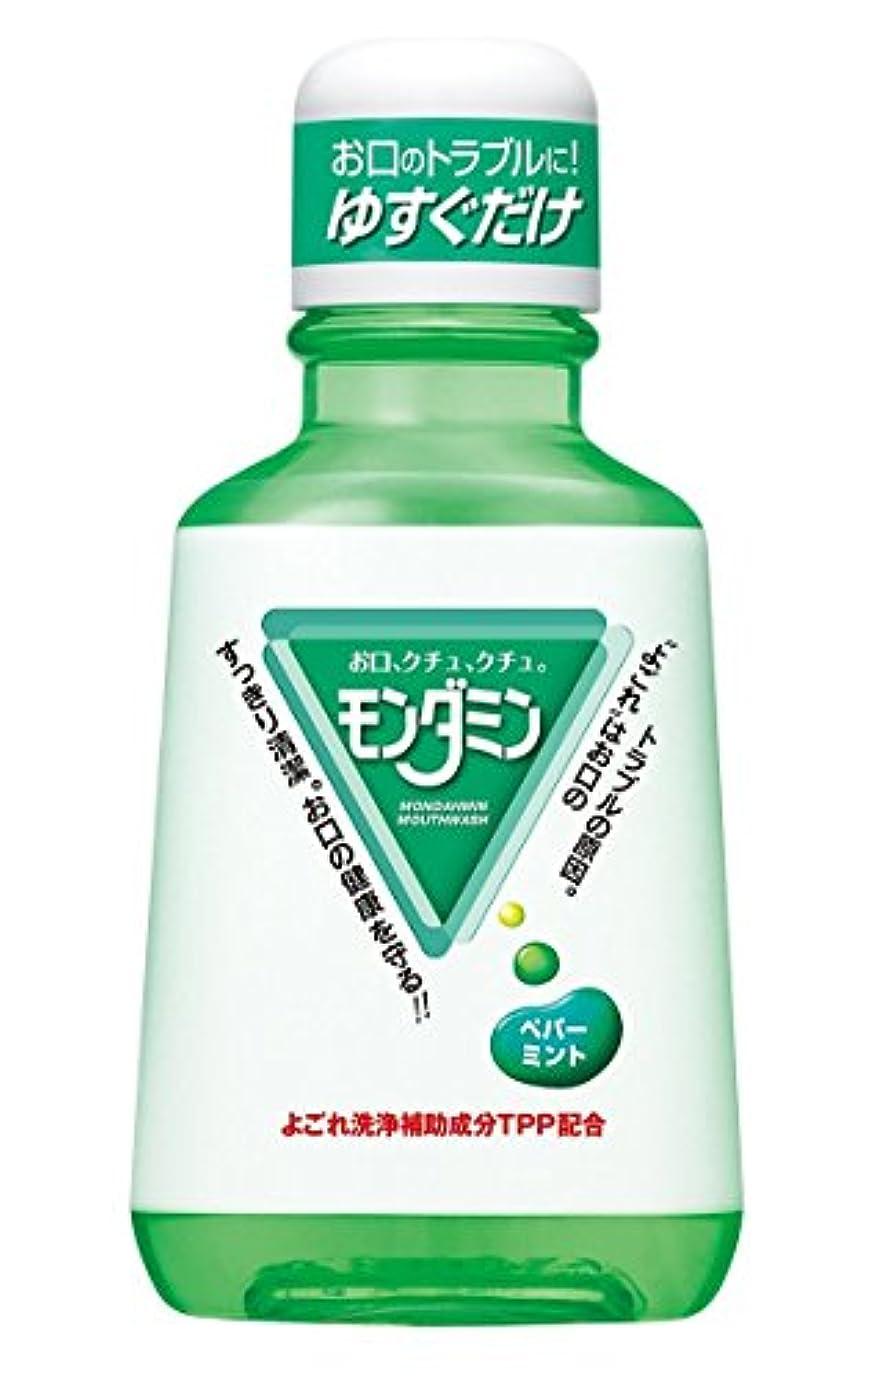 クロニクル病弱混乱させる【アース製薬】モンダミン ペパーミント 80mL ×10個セット